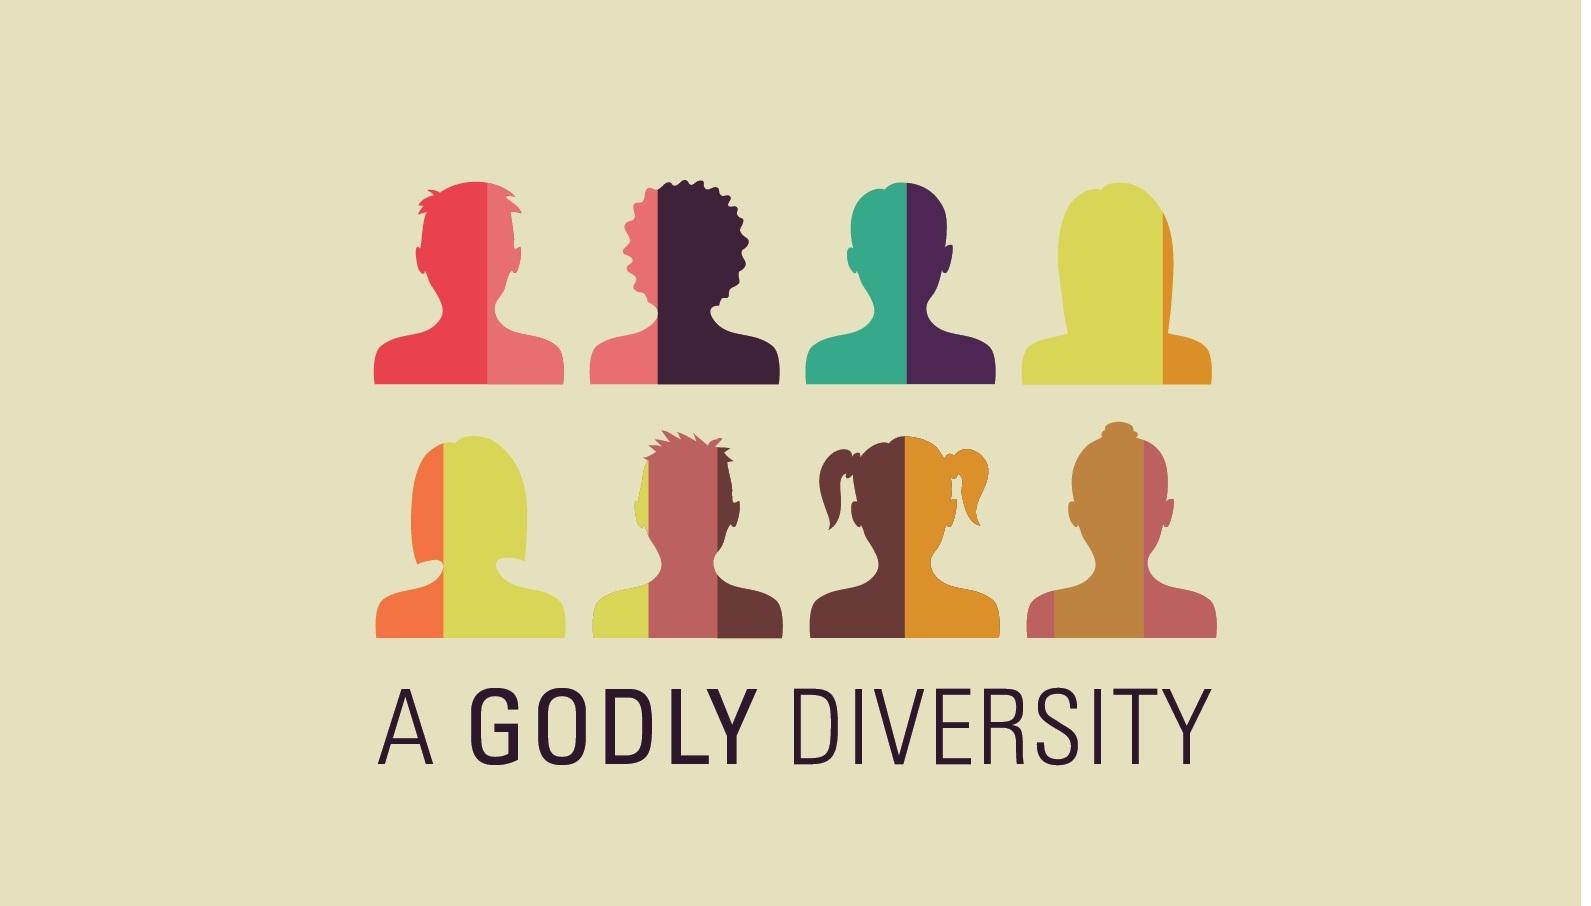 A Godly Diversity